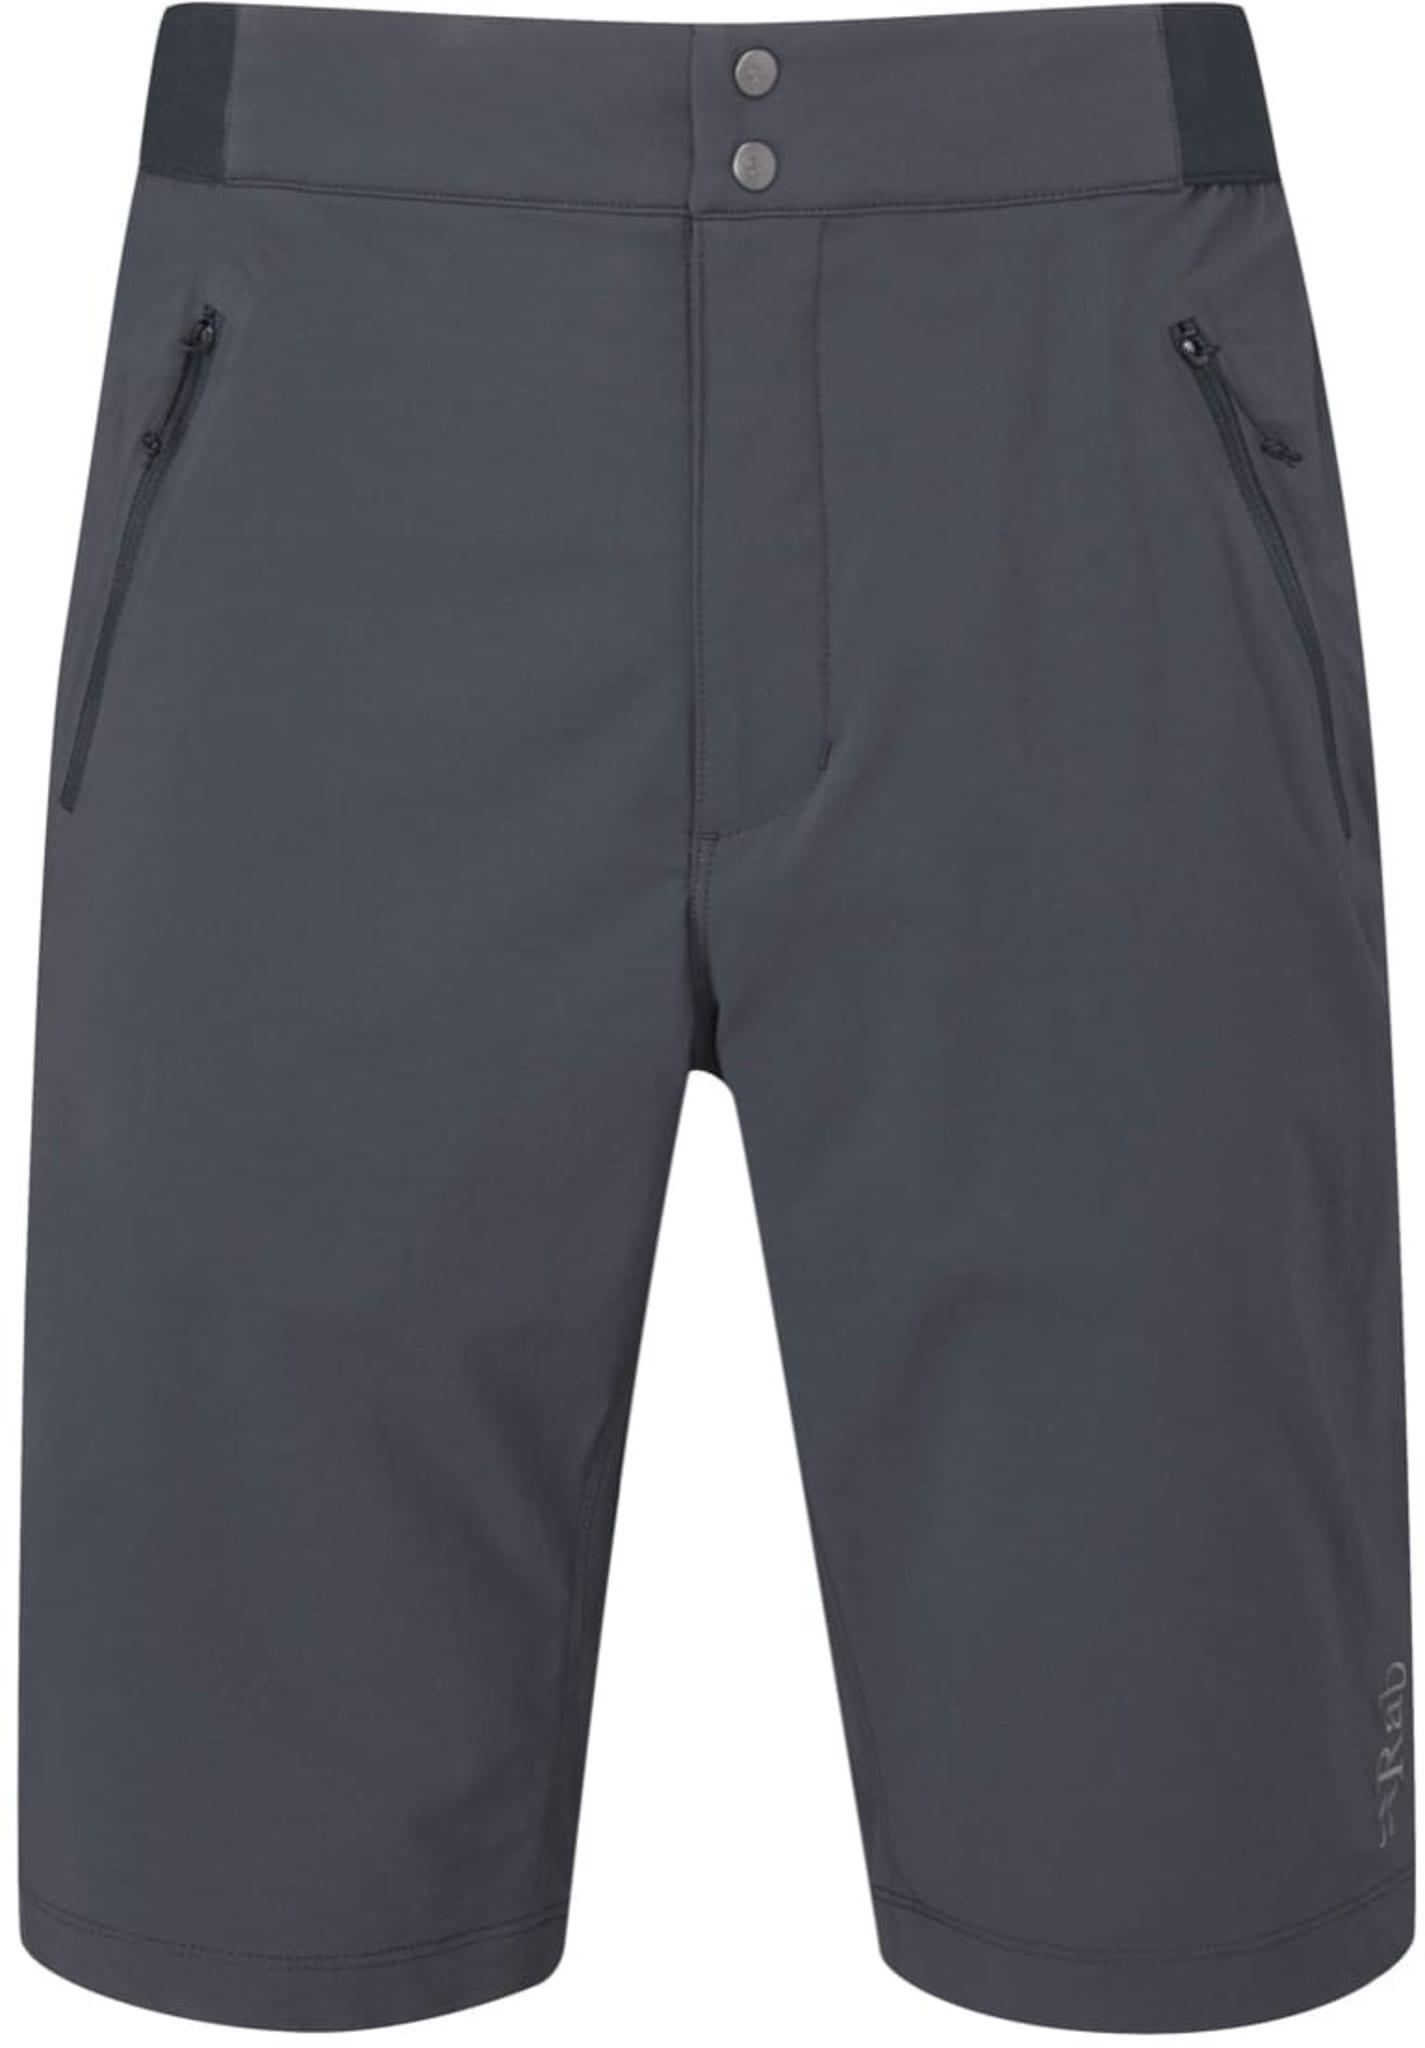 Stretchy og lett softshell shorts